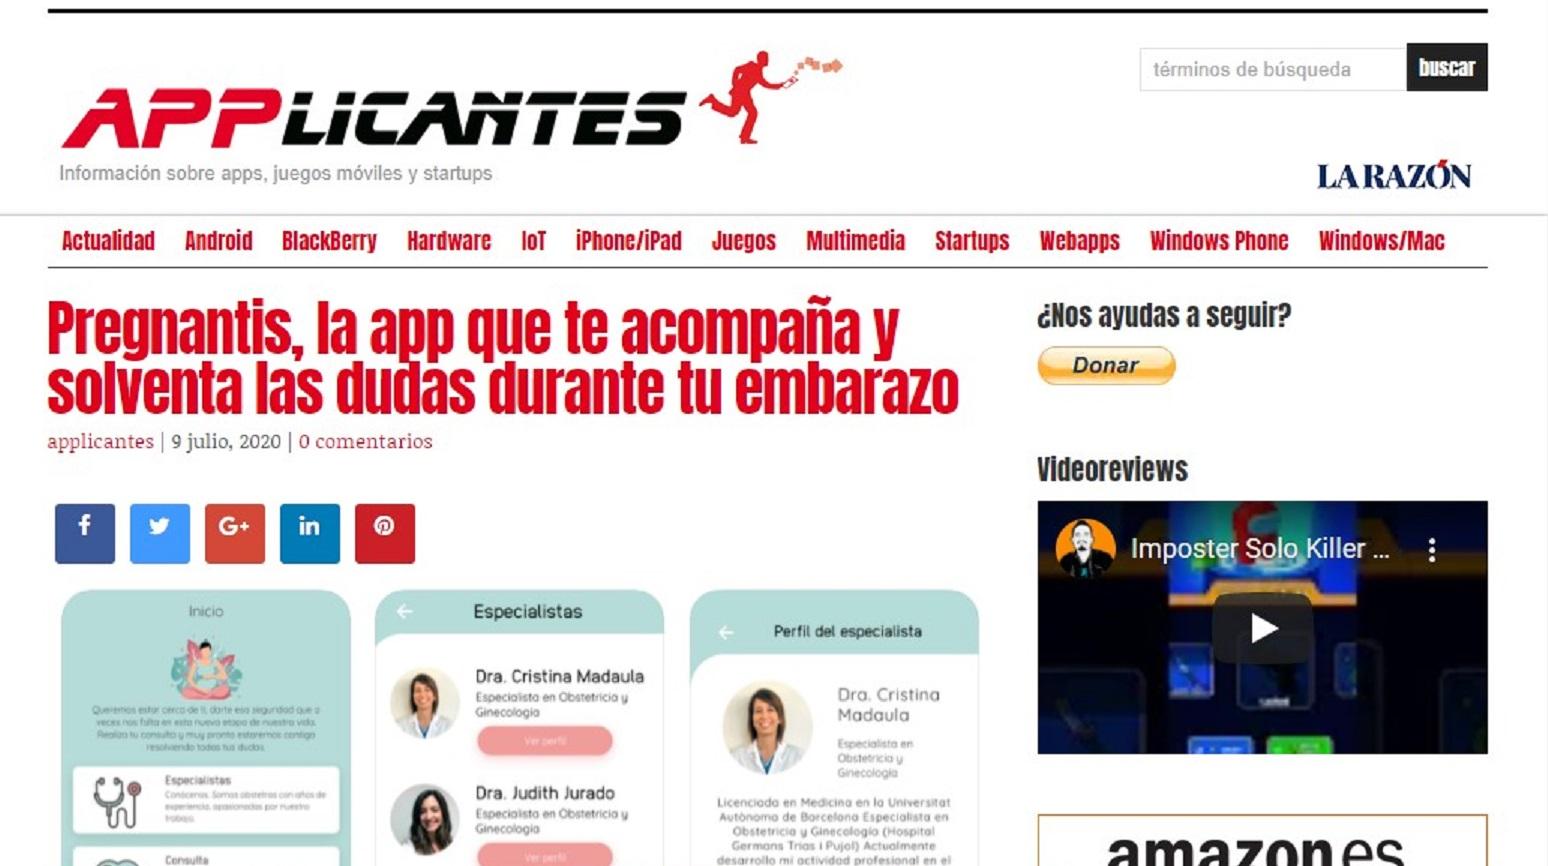 """Pregnantis en """"Applicantes""""-09/07/2020 gabinete de prensa"""